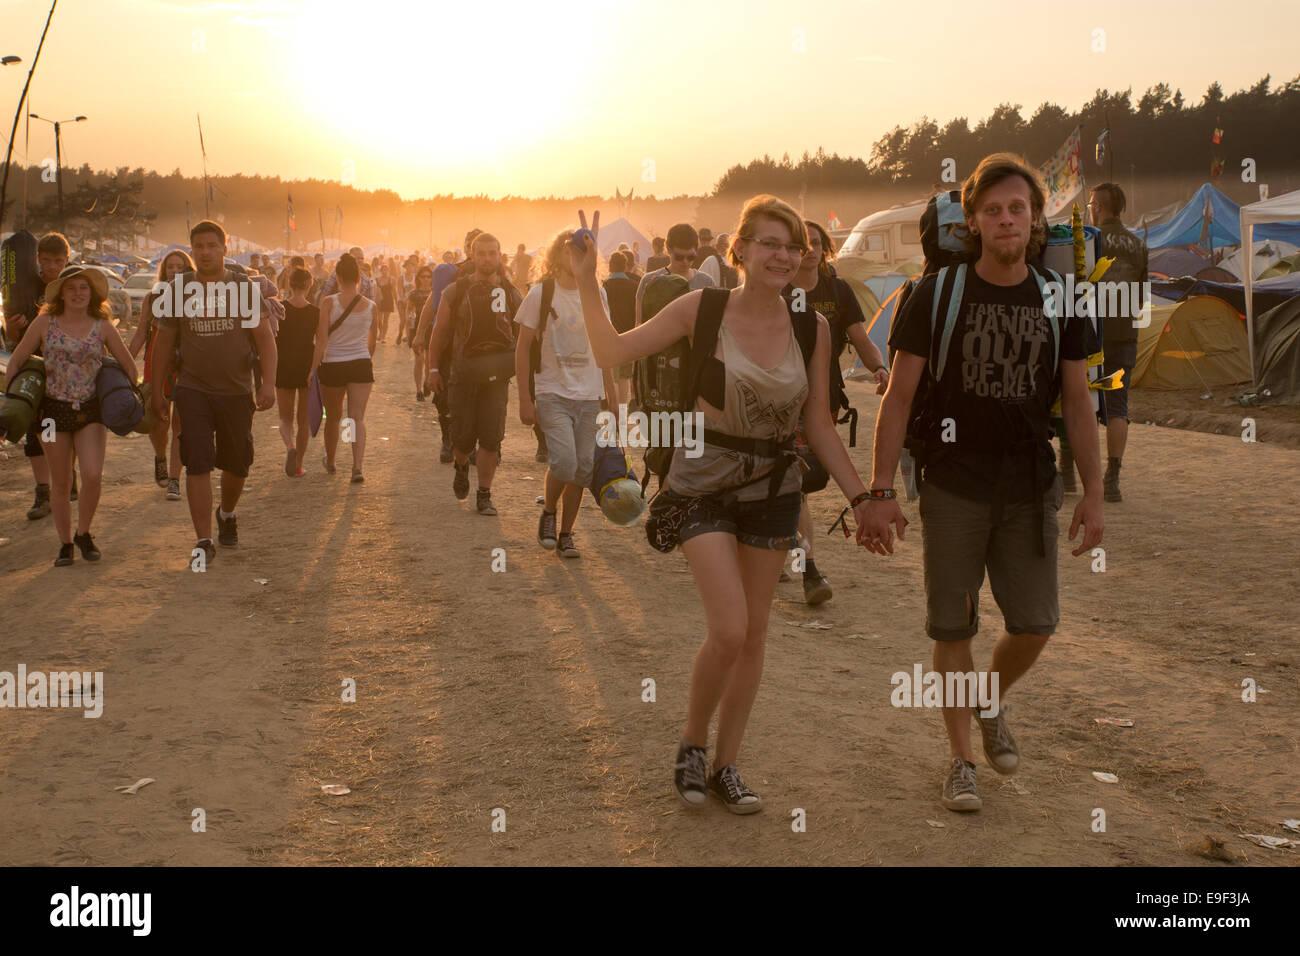 Festival Przystanek Woodstock - vista de la gente que abandona el camping y el festival. Imagen De Stock